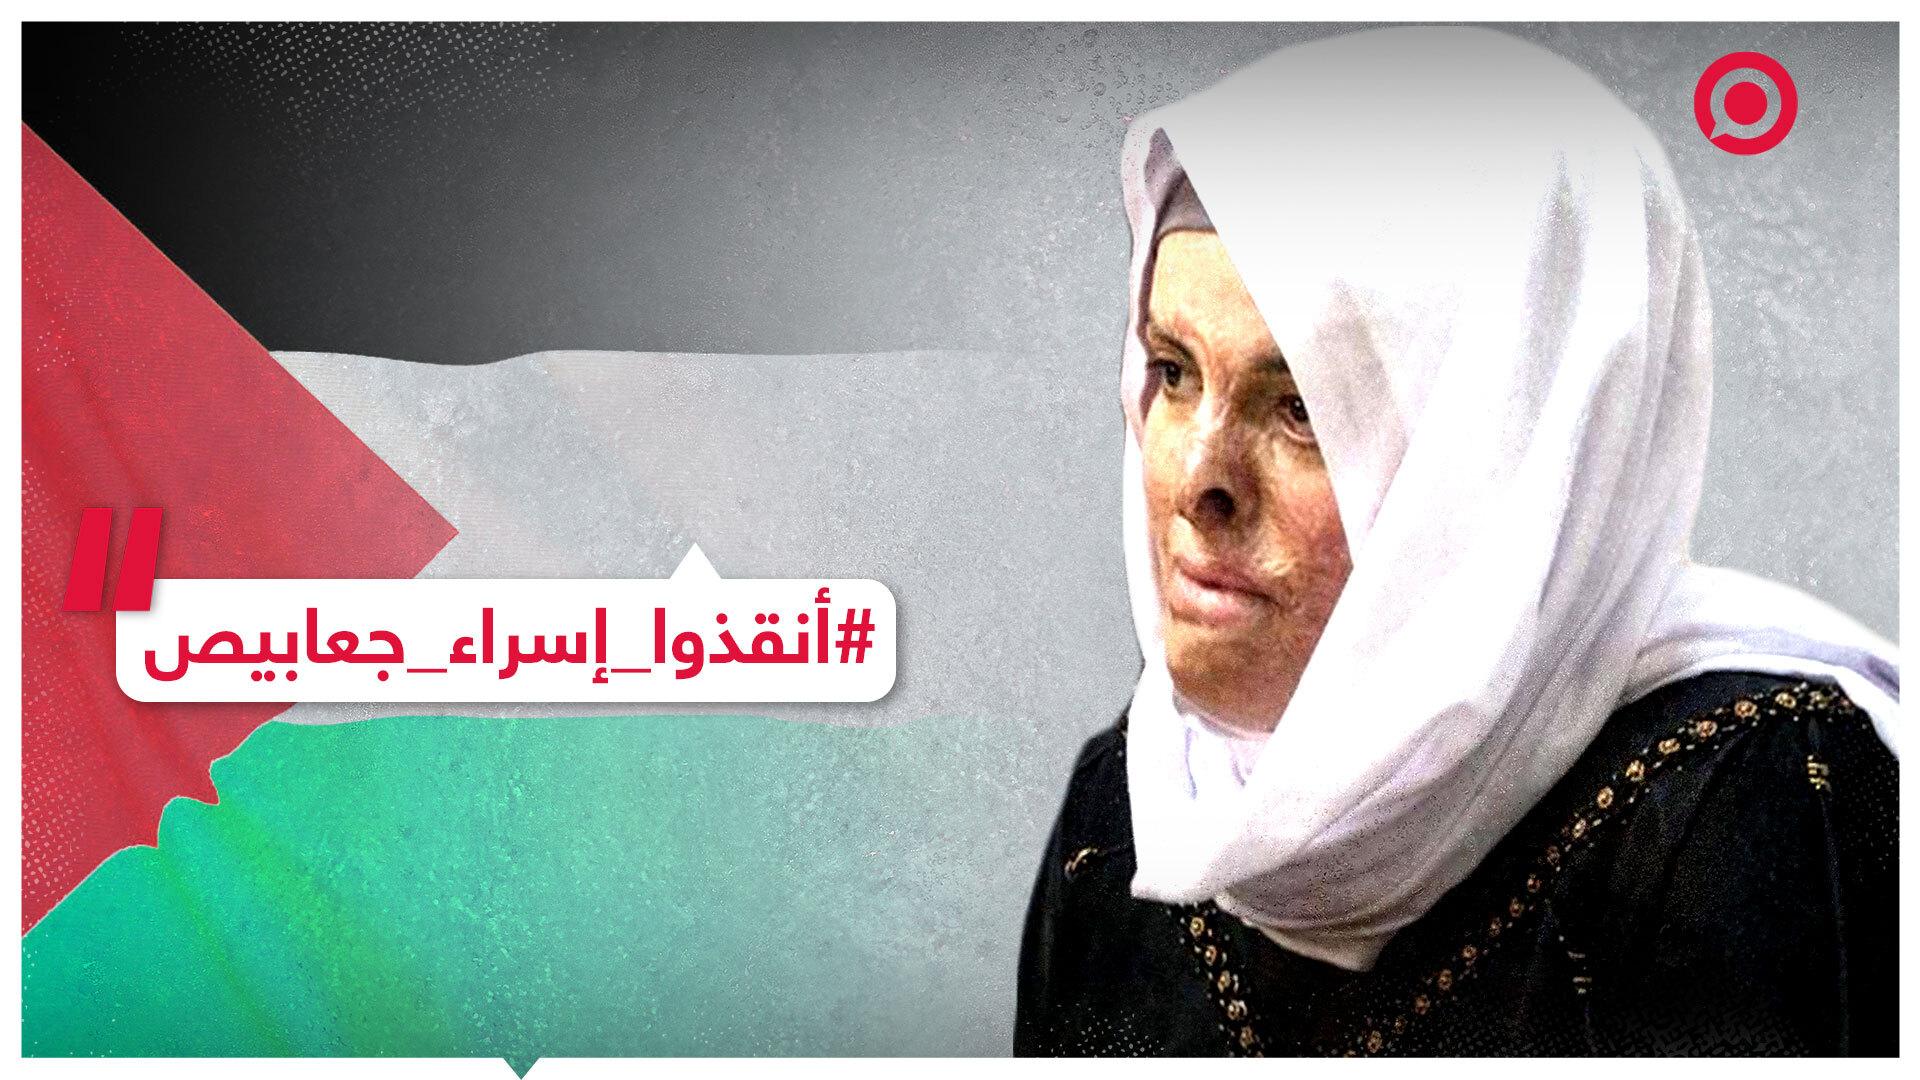 الأسيرة الجريجة إسراء جعابيص تعاني في السجون الإسرائيلية